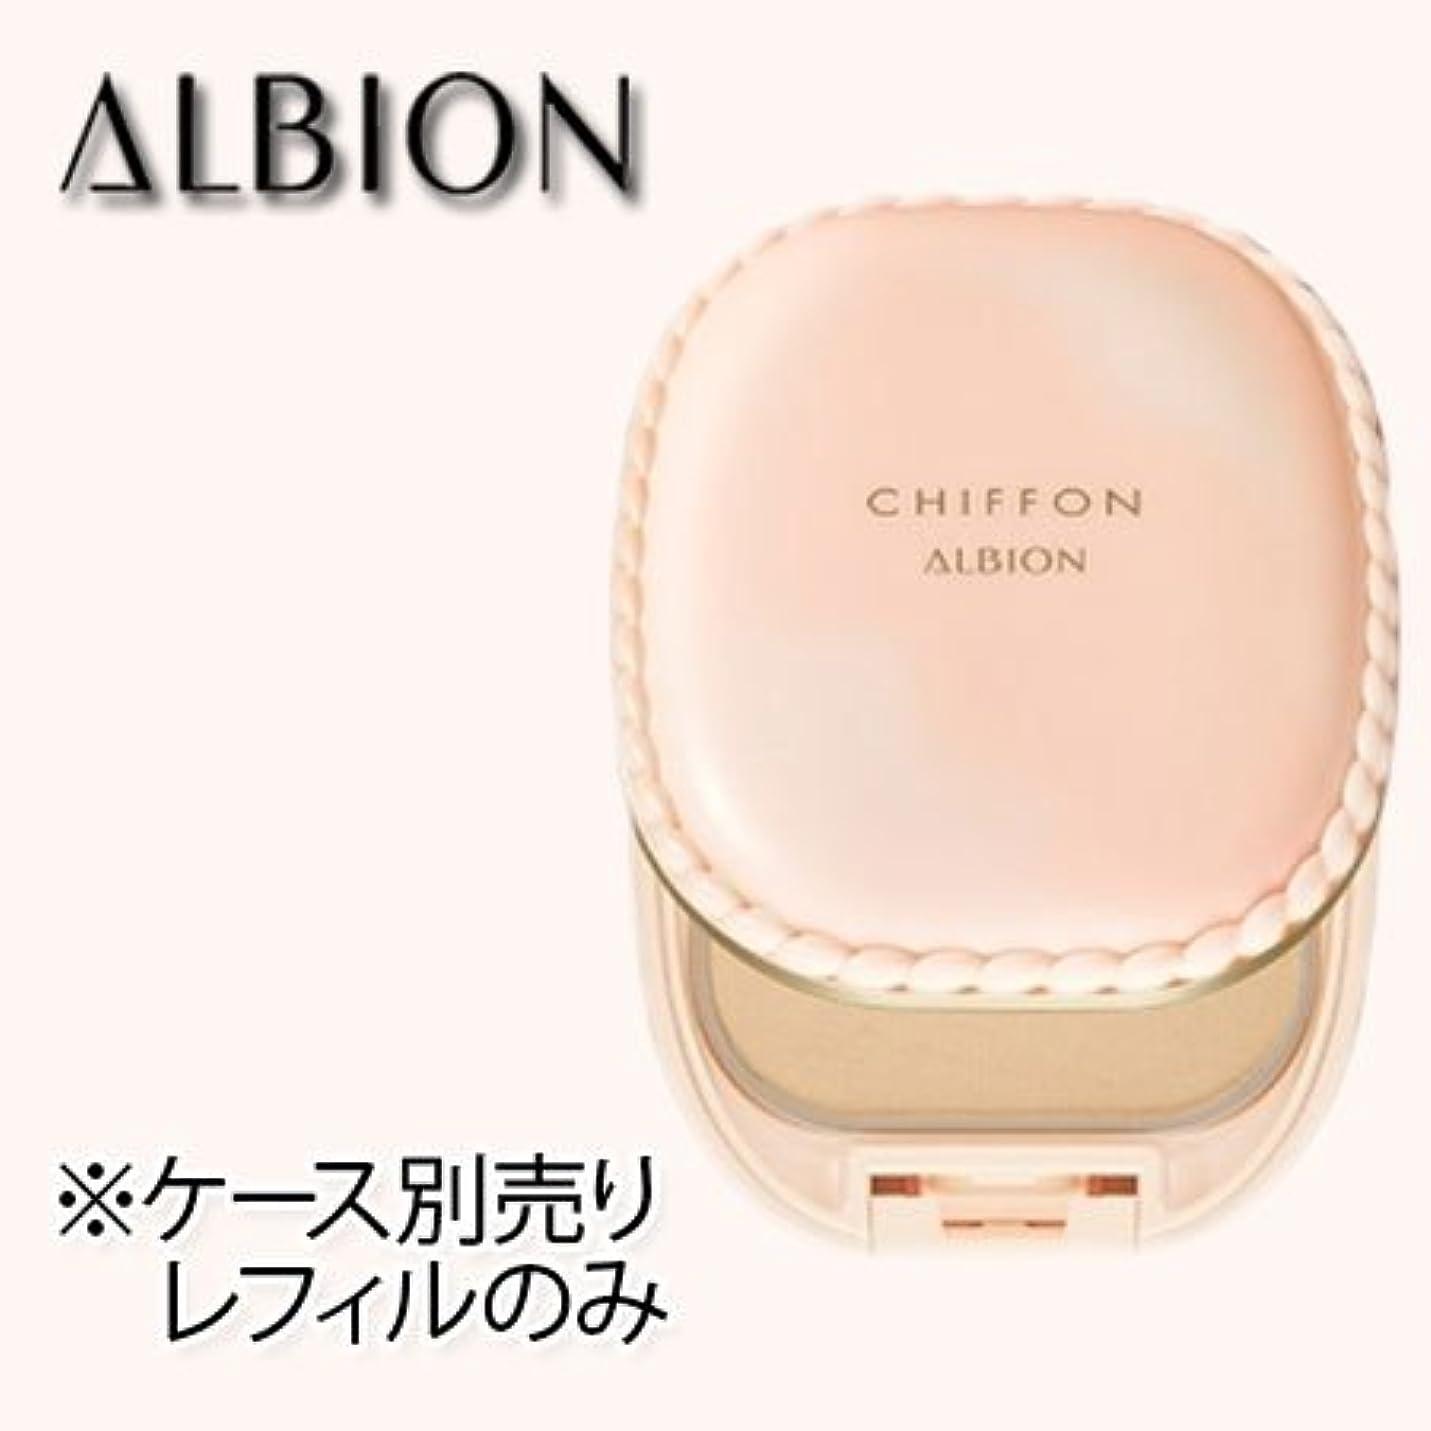 地味な日の出解読するアルビオン スウィート モイスチュア シフォン (レフィル) 10g 6色 SPF22 PA++-ALBION- 040